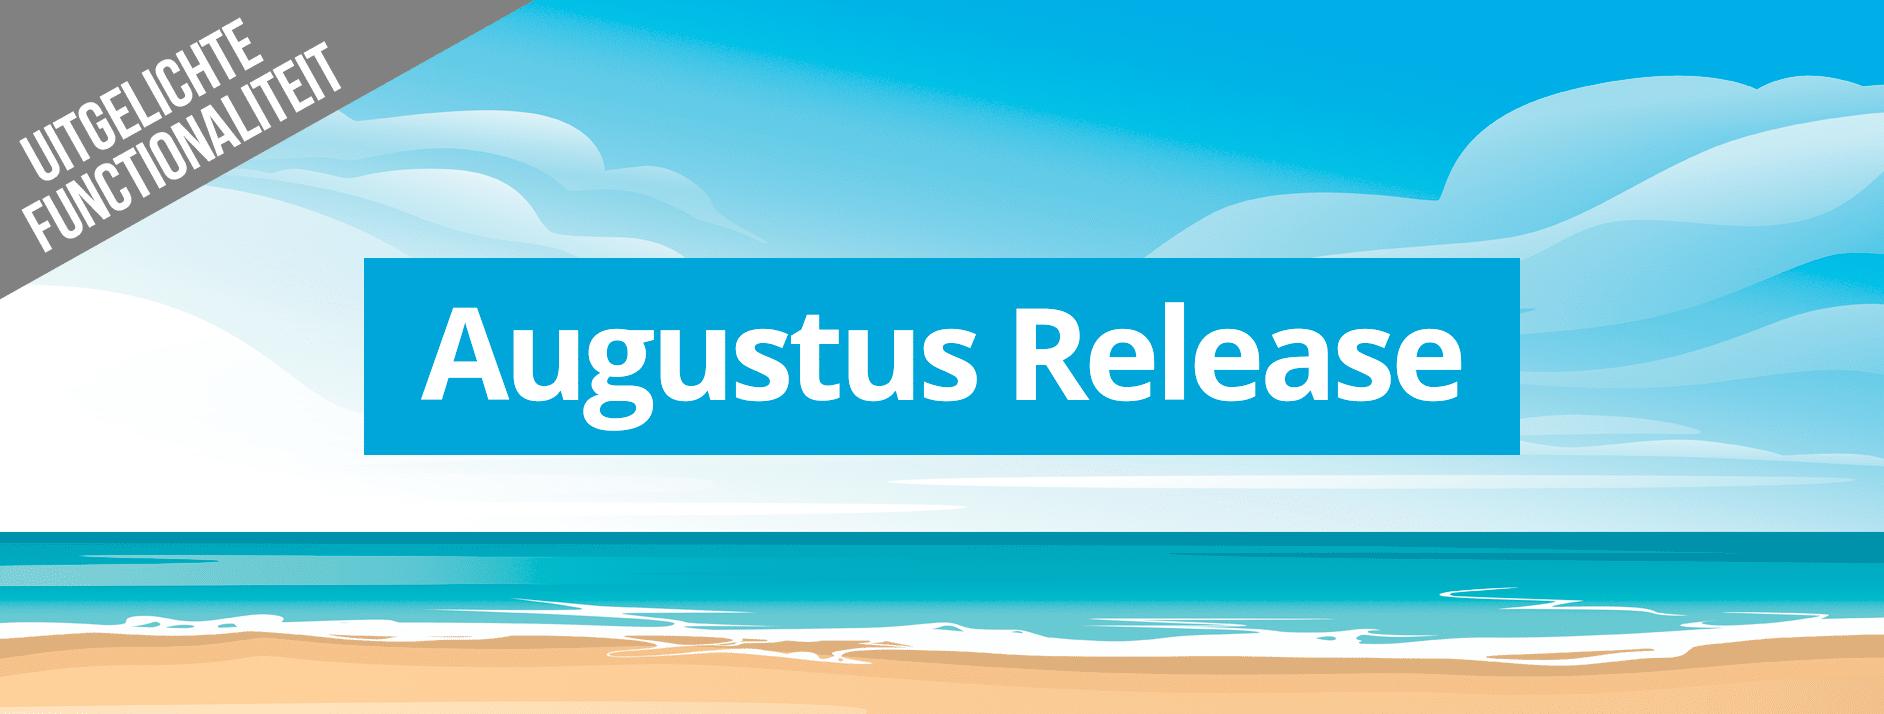 8.0 release   Augustus 2021